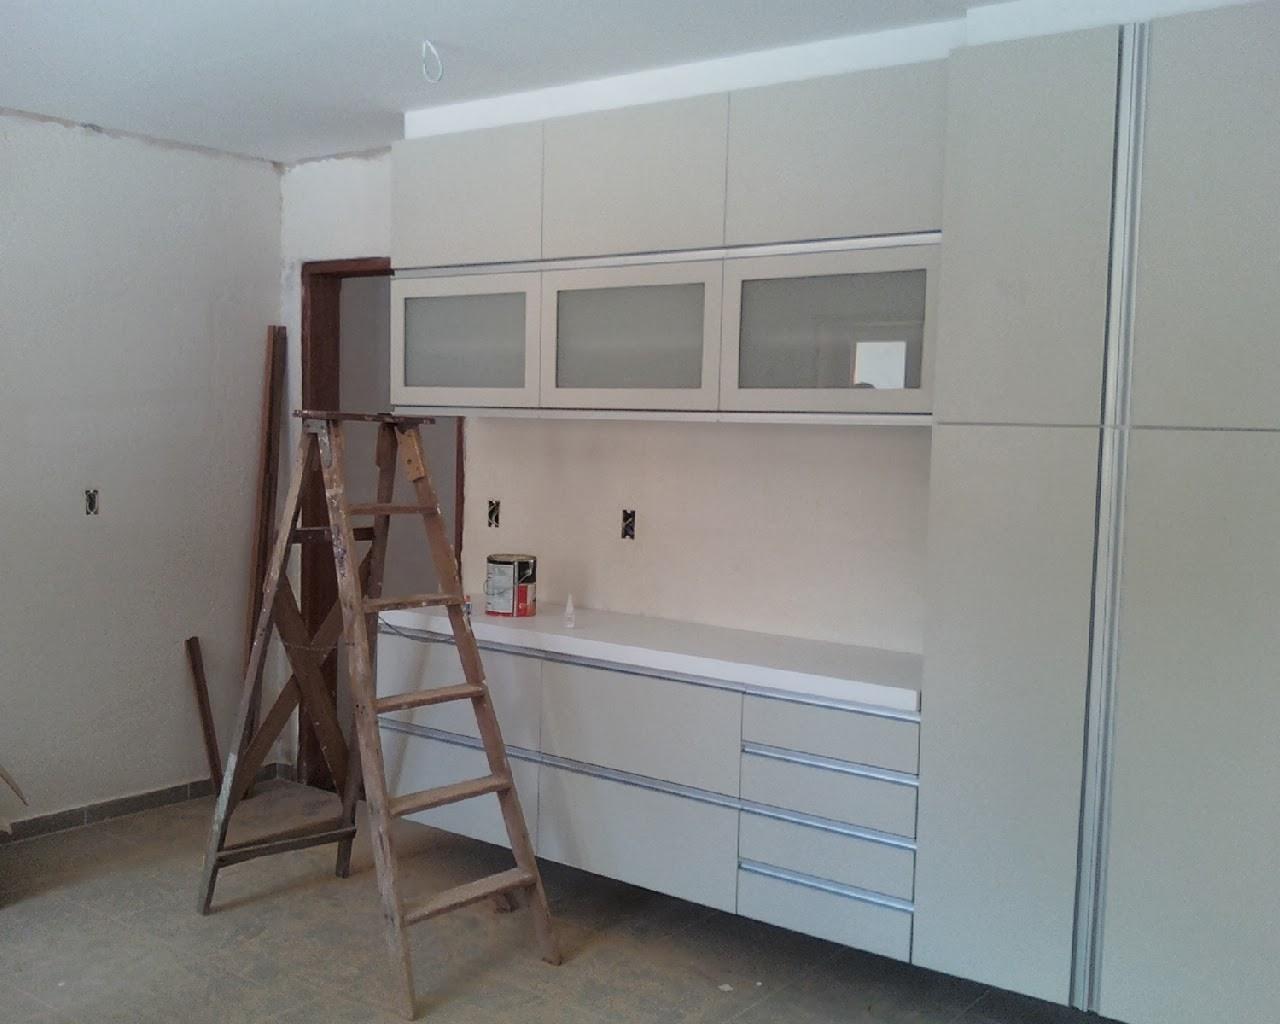 Banheiro E Dispensa Moveis Planejados Cozinhas Etc